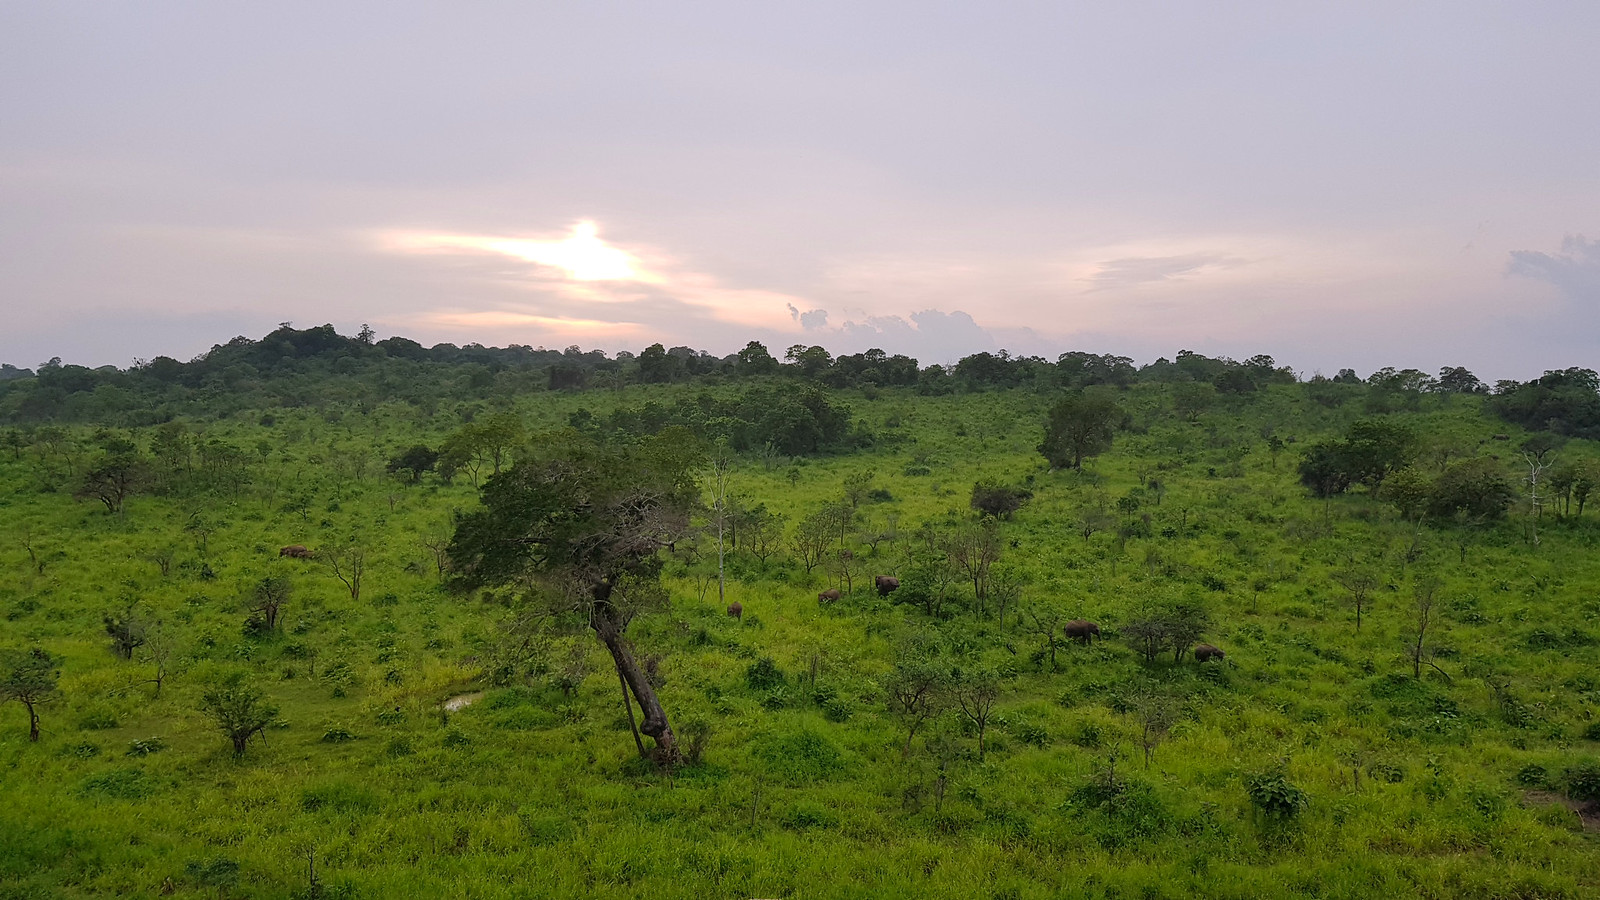 VER ELEFANTES SALVAJES EN SRI LANKA ver elefantes salvajes en sri lanka - 32032830107 3551764cf7 h - Ver elefantes salvajes en Sri Lanka